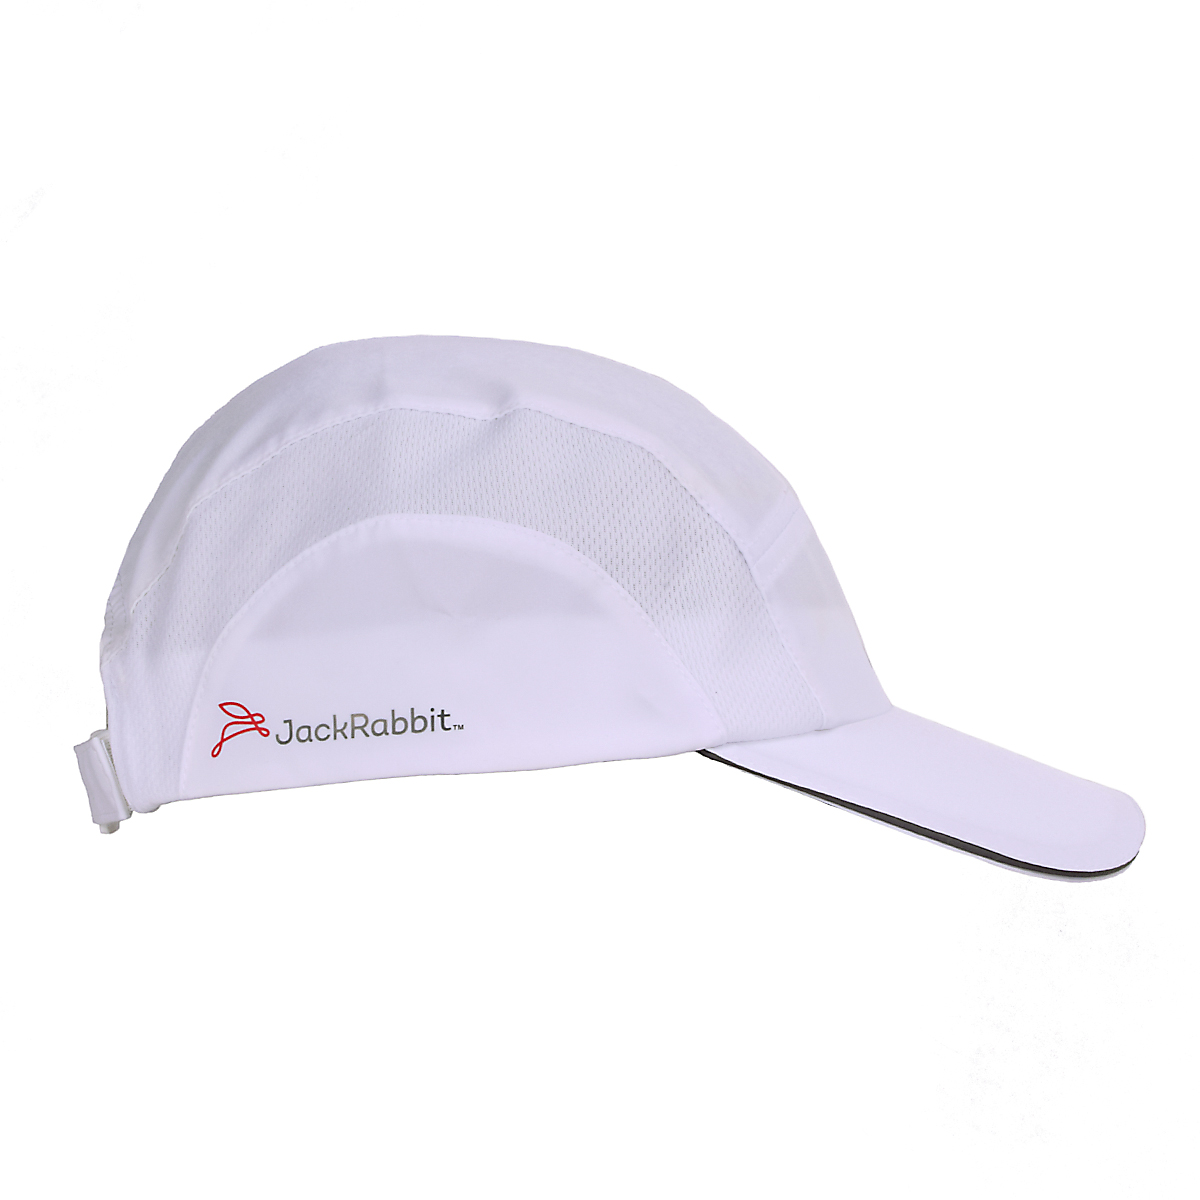 JackRabbit Run Hat - Color: White - Size: One Size, White, large, image 4